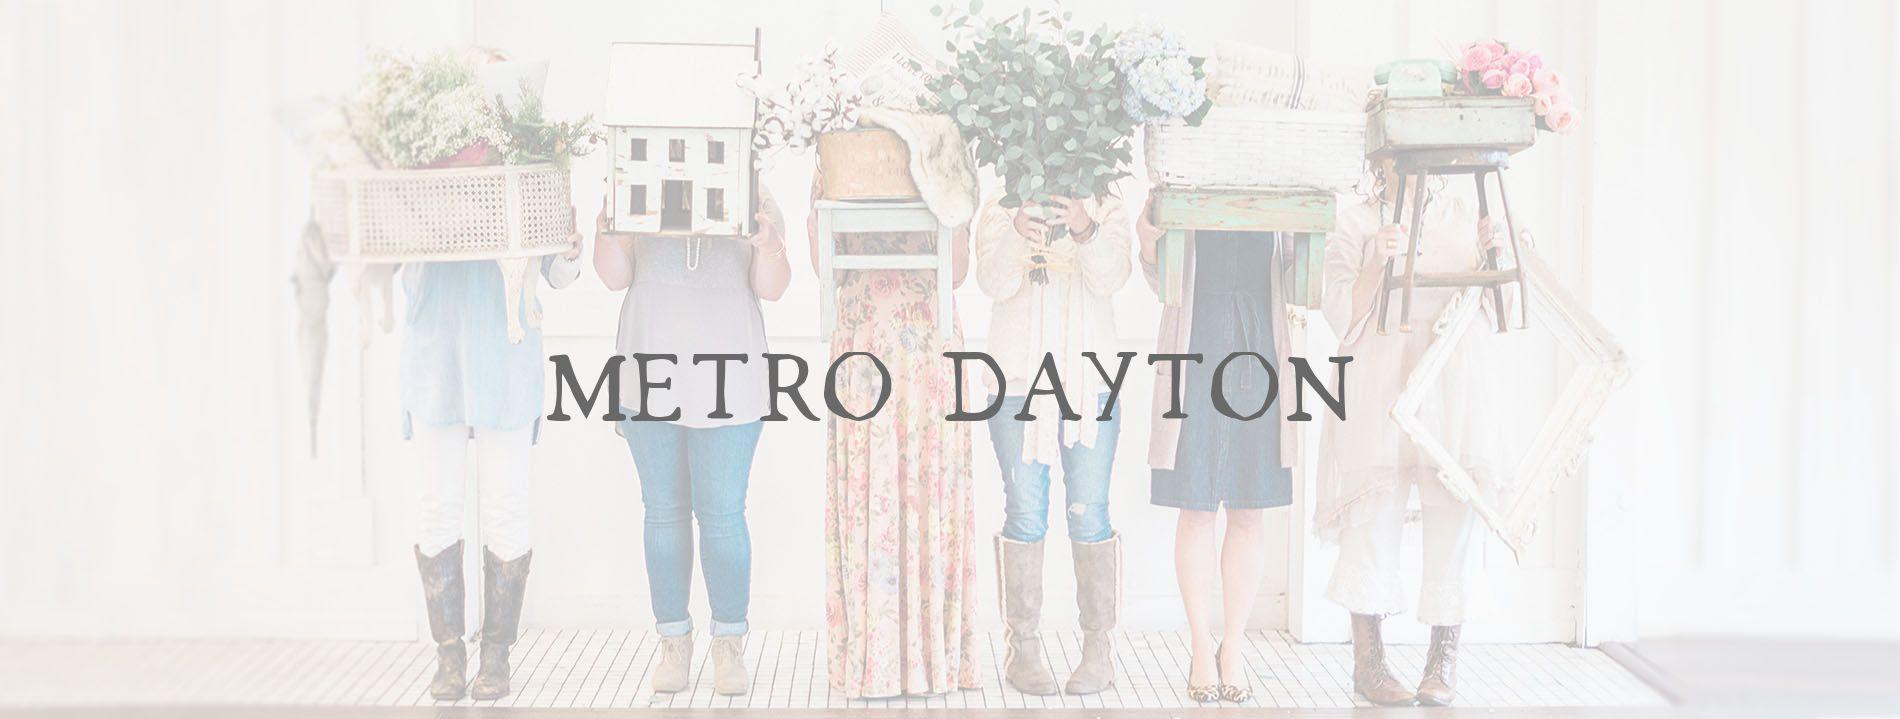 Metro Dayton